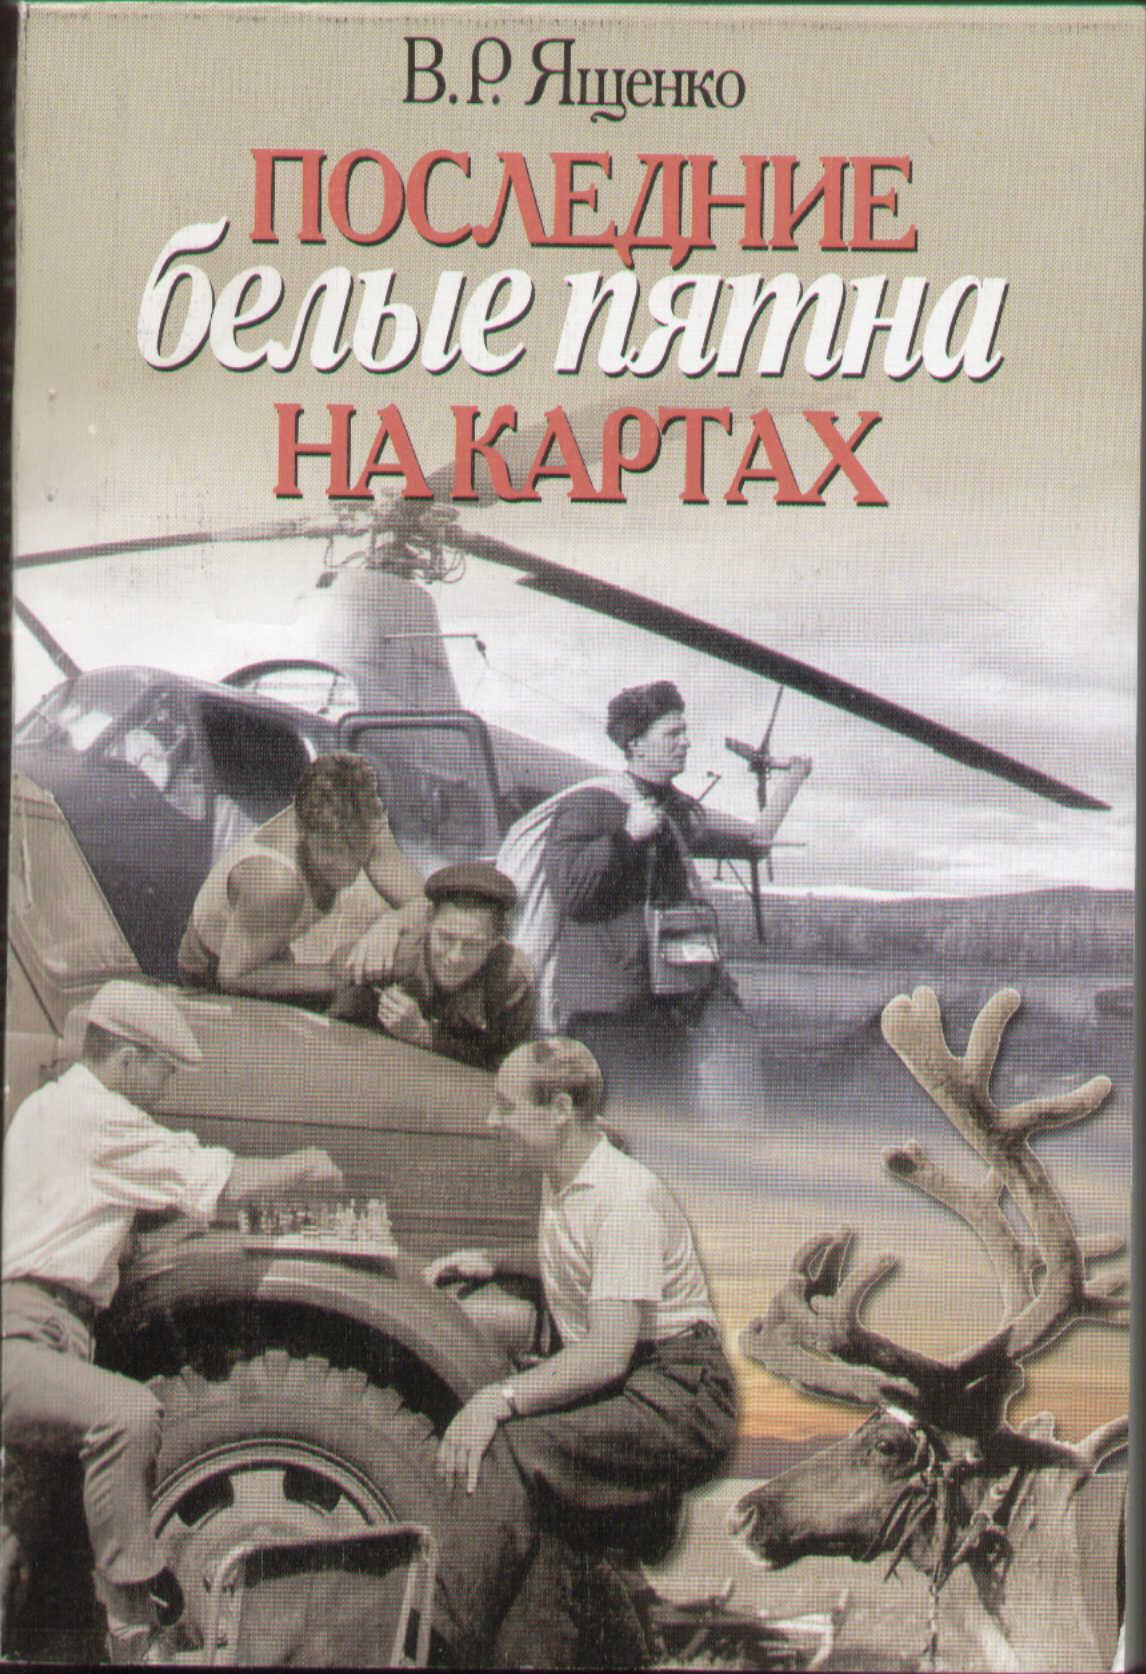 Книга Ященко В.Р. Последние белые пятна на картах